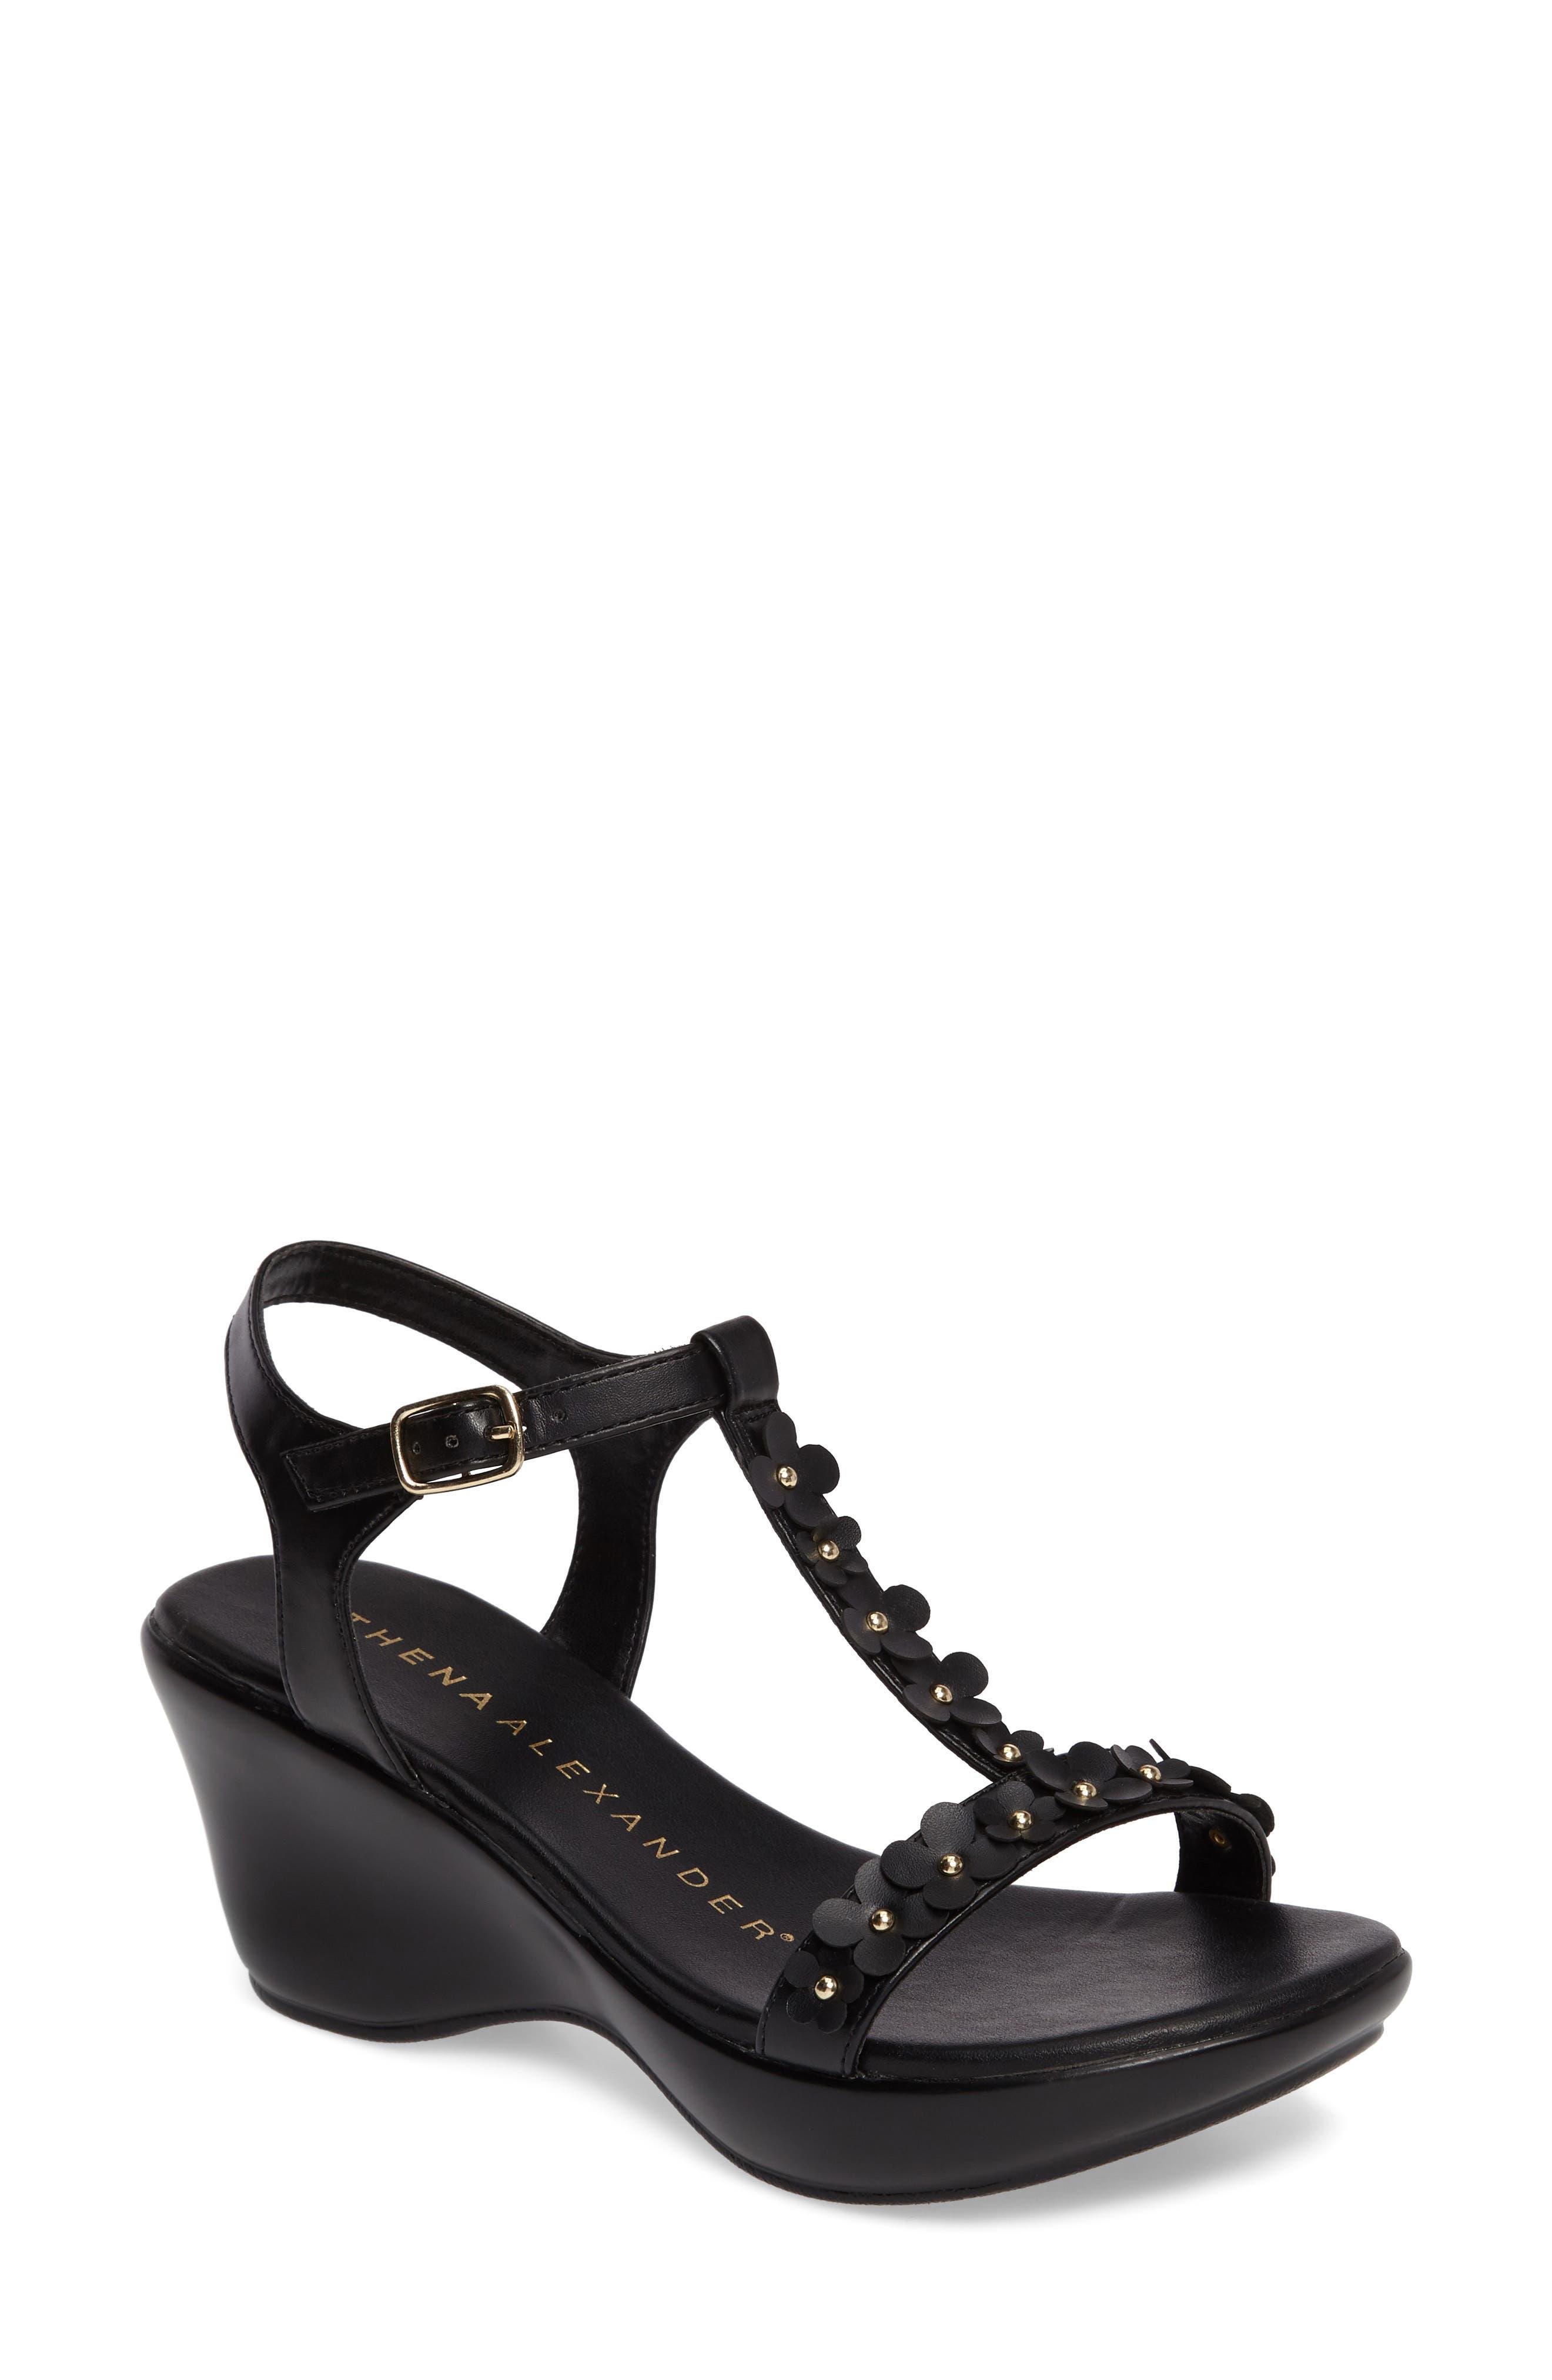 Evelina Sandal,                         Main,                         color, Black Faux Leather